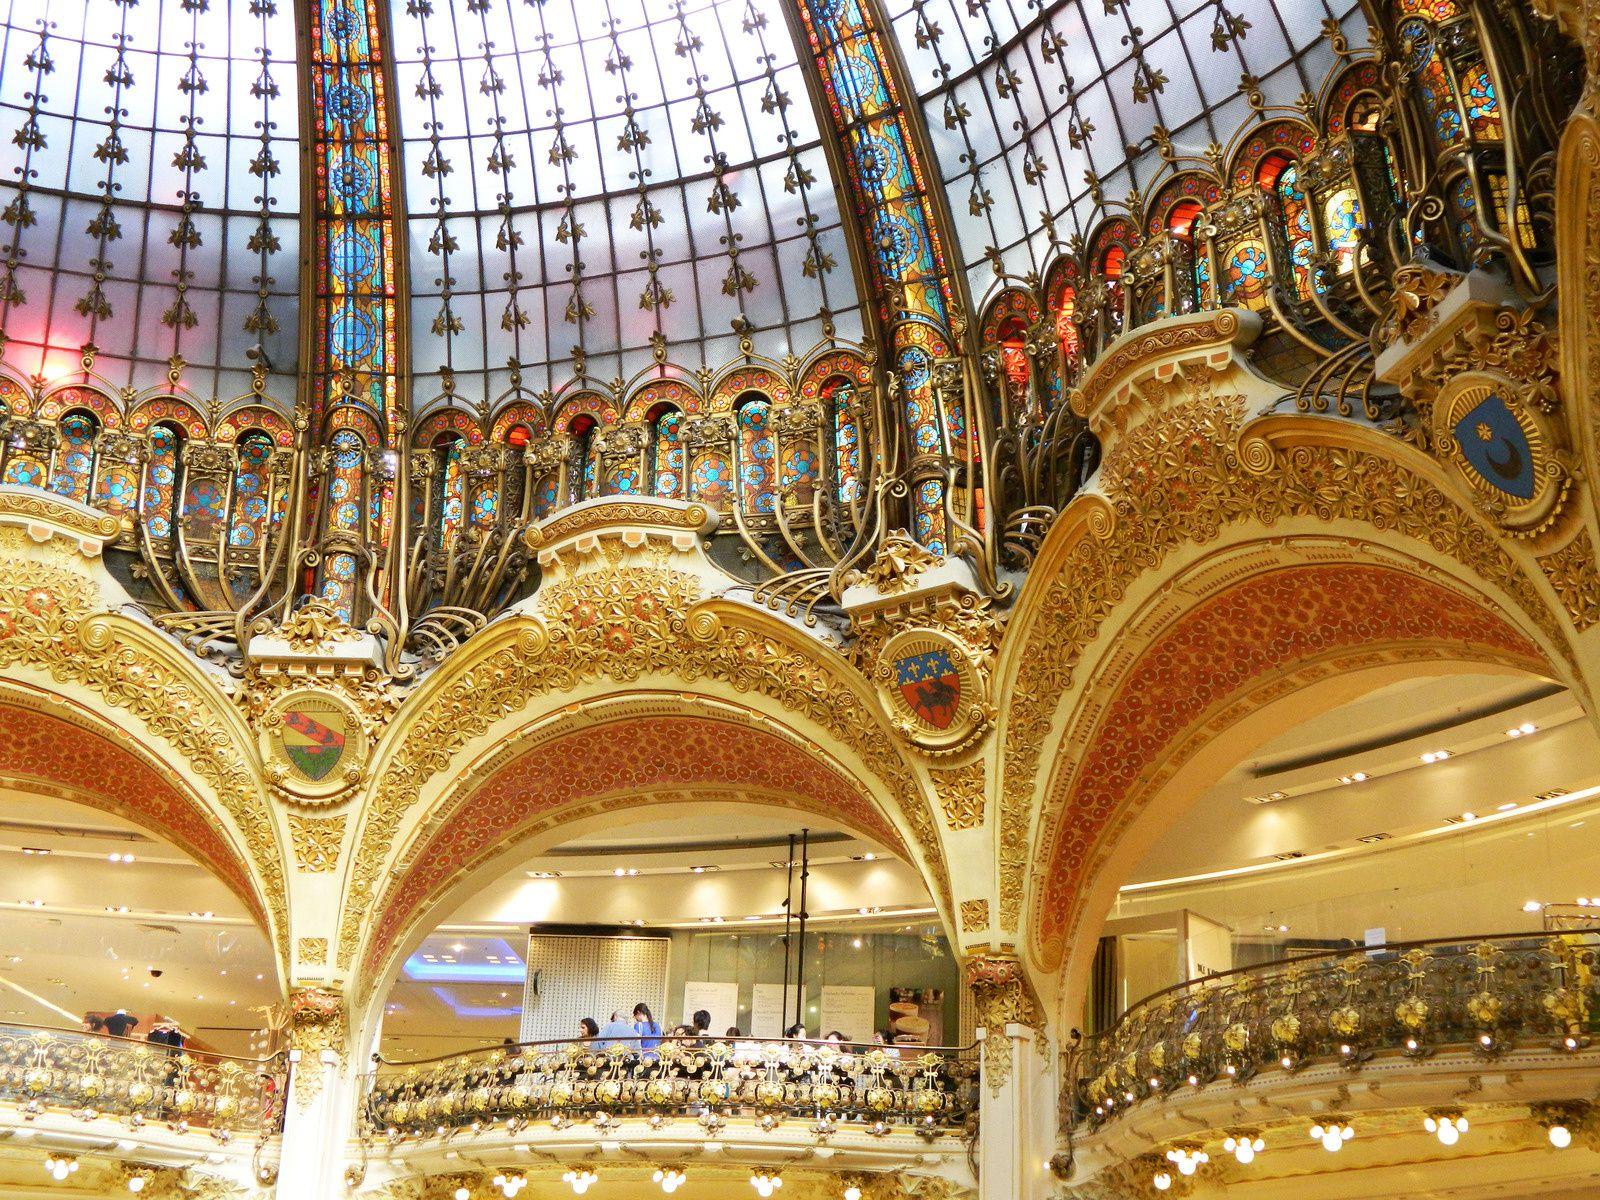 2 Days In Paris - Day 2